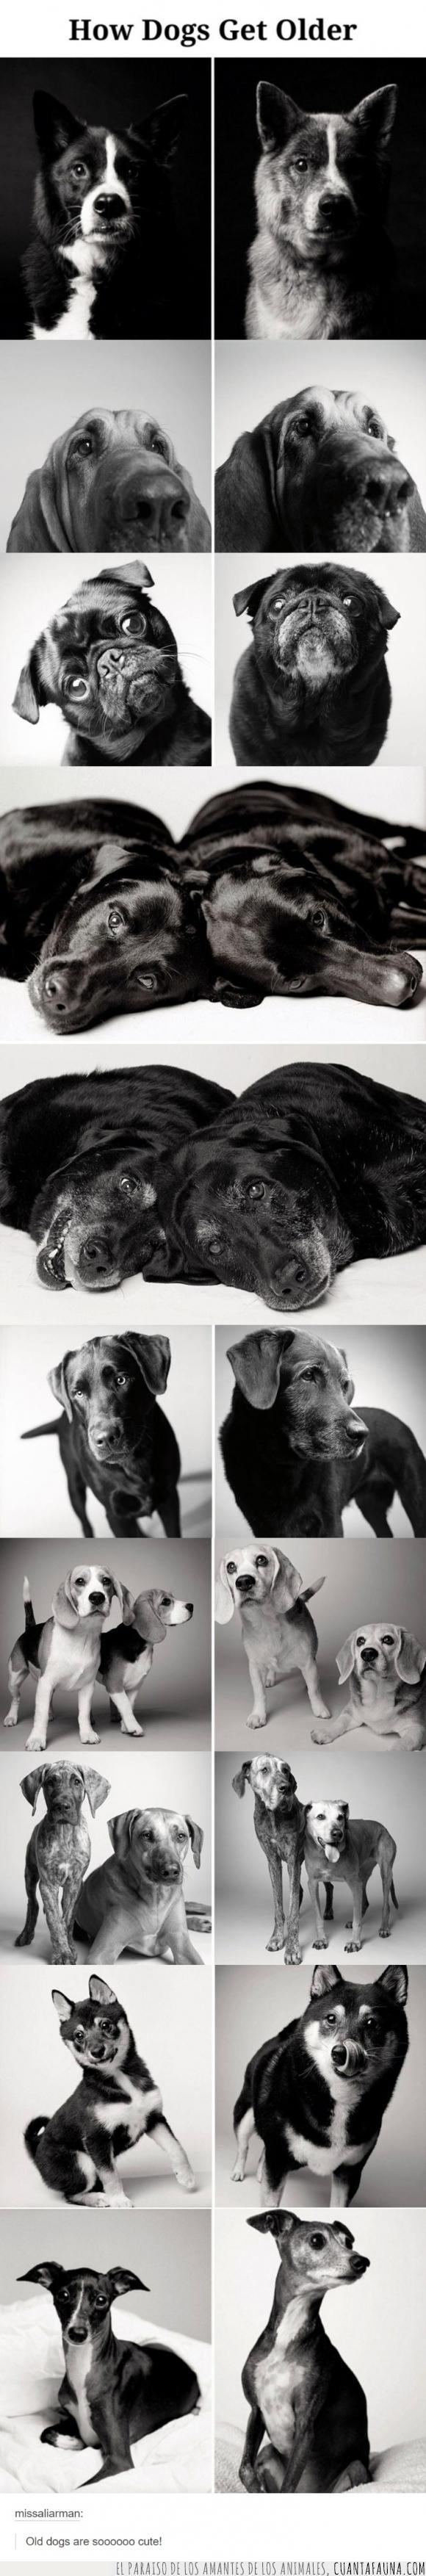 adulto,canas,crecer,edad,madurar,mayor,perrete,perro,viejo